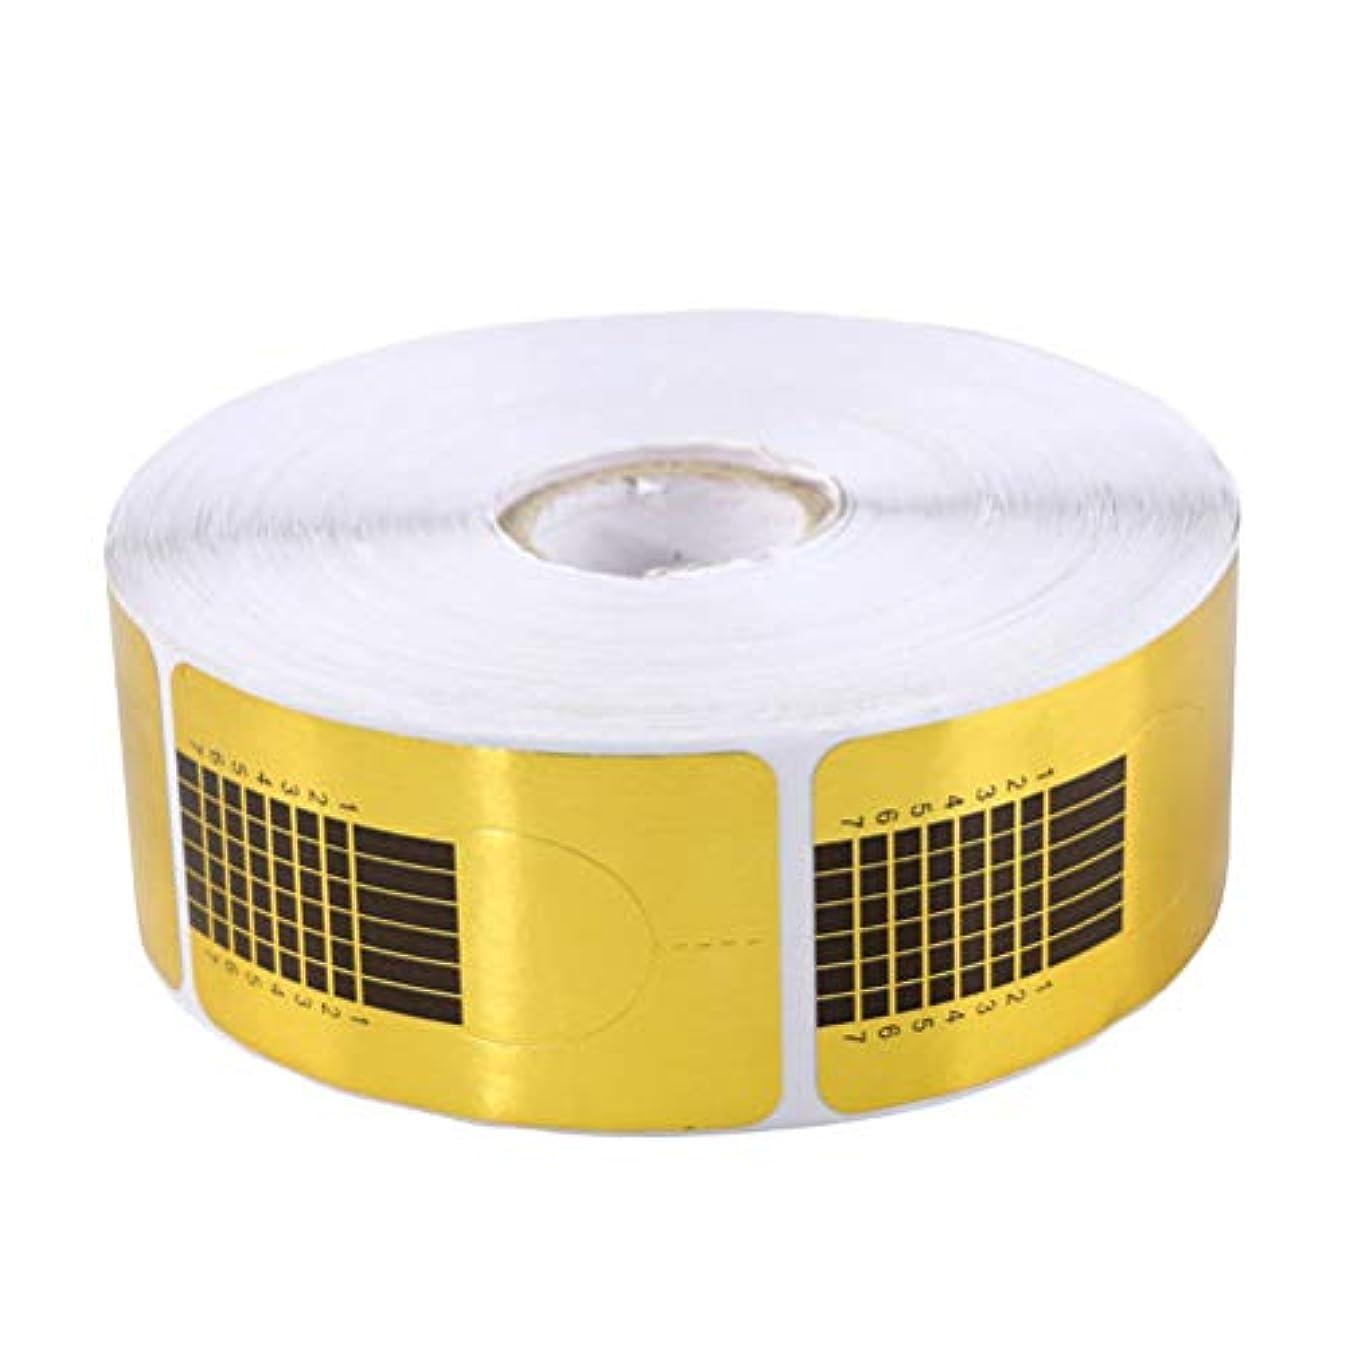 Frcolor ネイルフォーム 使い捨て プロ用 1000枚 ネイルアート フォーム ネイルサロン ゴールド 2ロール